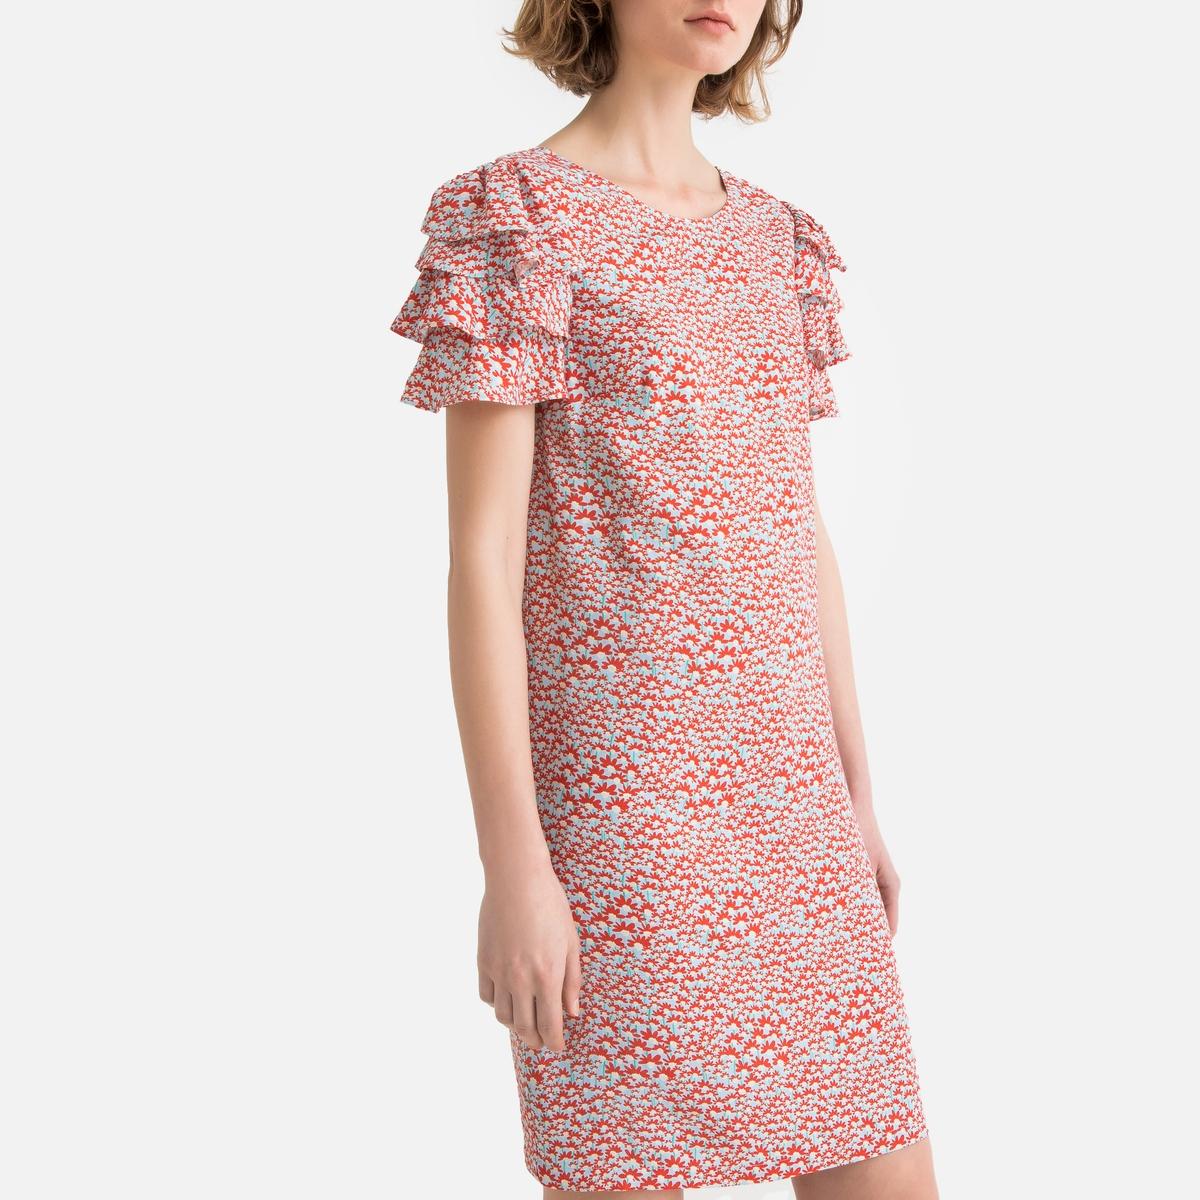 Платье La Redoute С цветочным рисунком и короткими рукавами с воланами 38 (FR) - 44 (RUS) разноцветный платье la redoute с цветочным рисунком короткими рукавами и воланами на груди s оранжевый